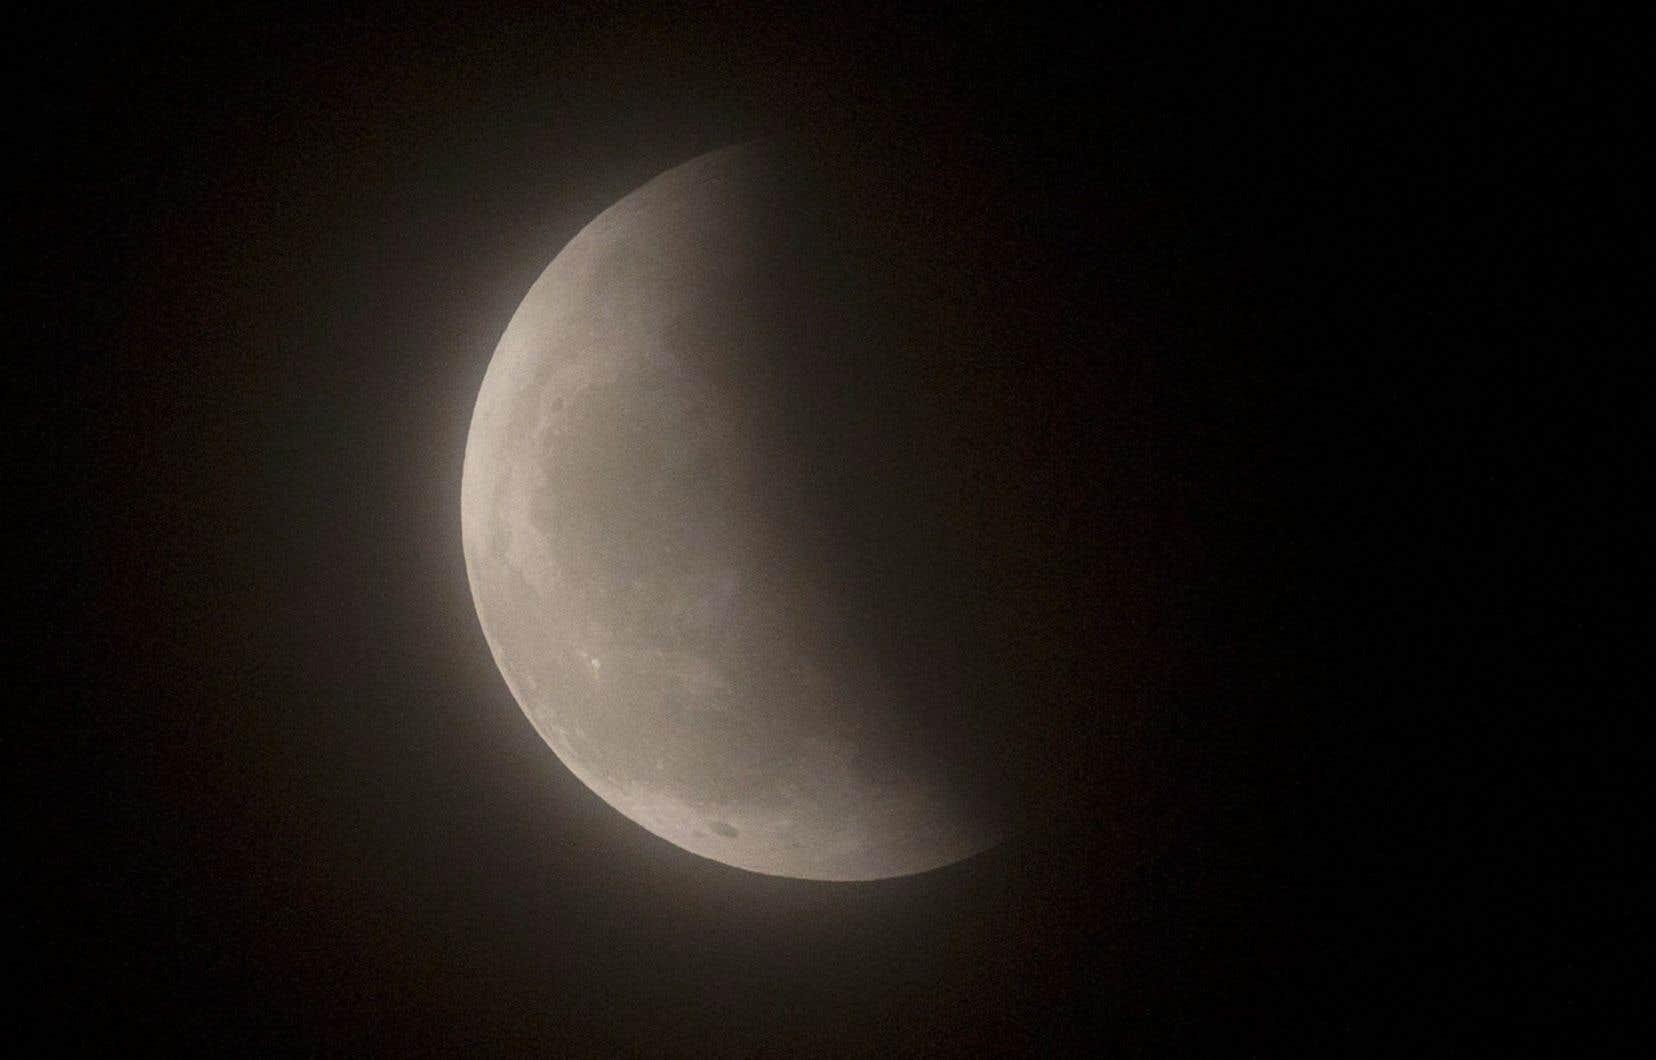 L'éclipse de dimanche se distinguera par le fait que la Lune sera à son périgée, c'est-à-dire au point de son orbite elliptique le plus rapproché de la Terre, d'où le surnom de super Lune.